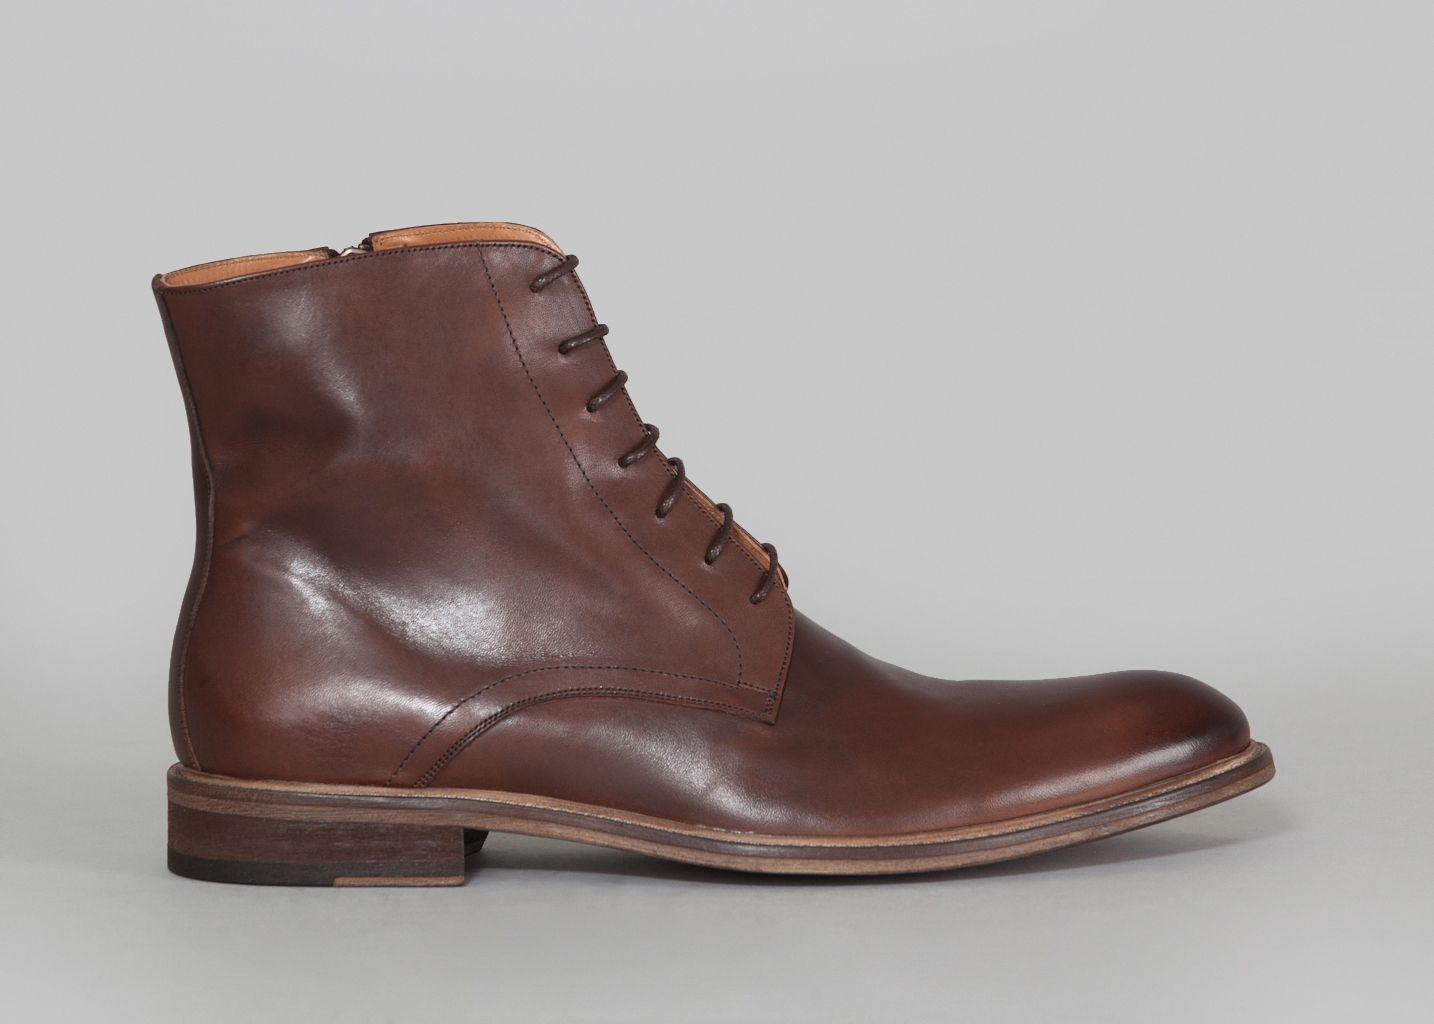 CHAUSSURES - Chaussures à lacetsAnthology Paris JVe0VtE1